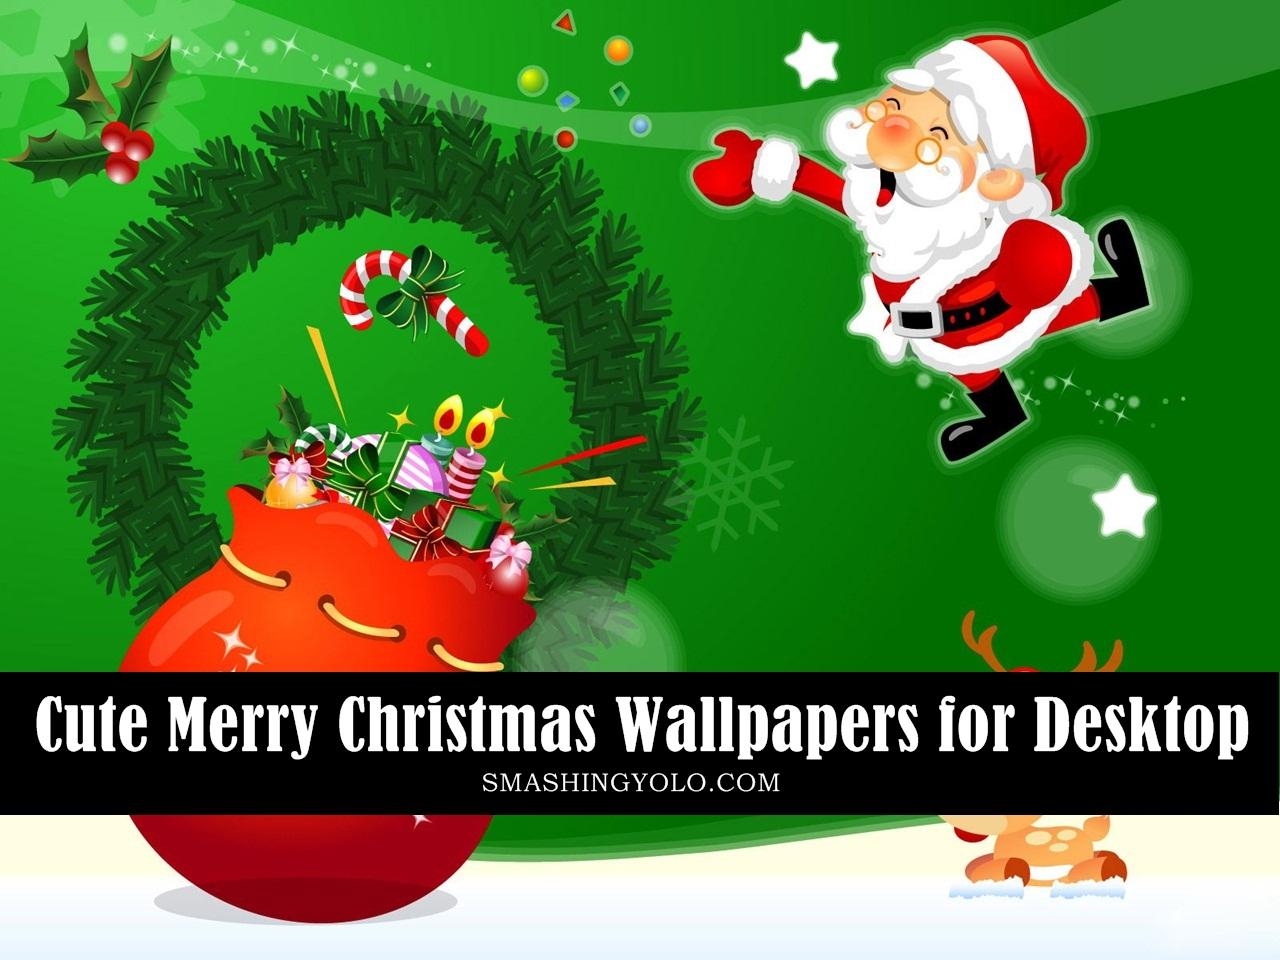 30 Cute Merry Christmas wallpaper for desktop 1280x960